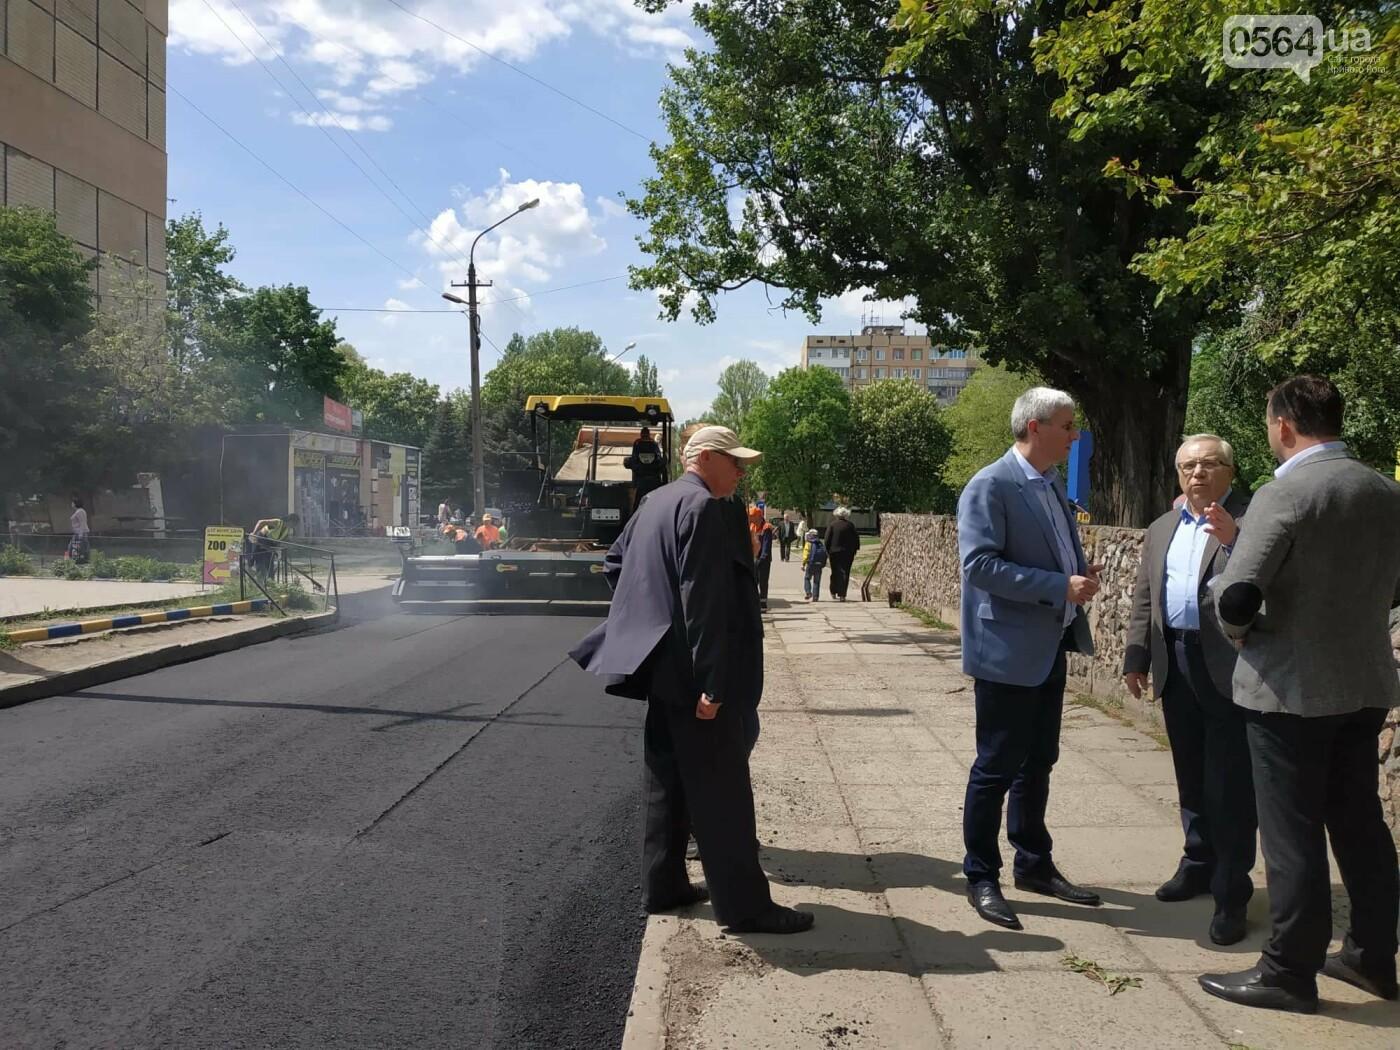 Благоустройство города: в Кривом Роге полным ходом идут ремонты дорог, фото-5